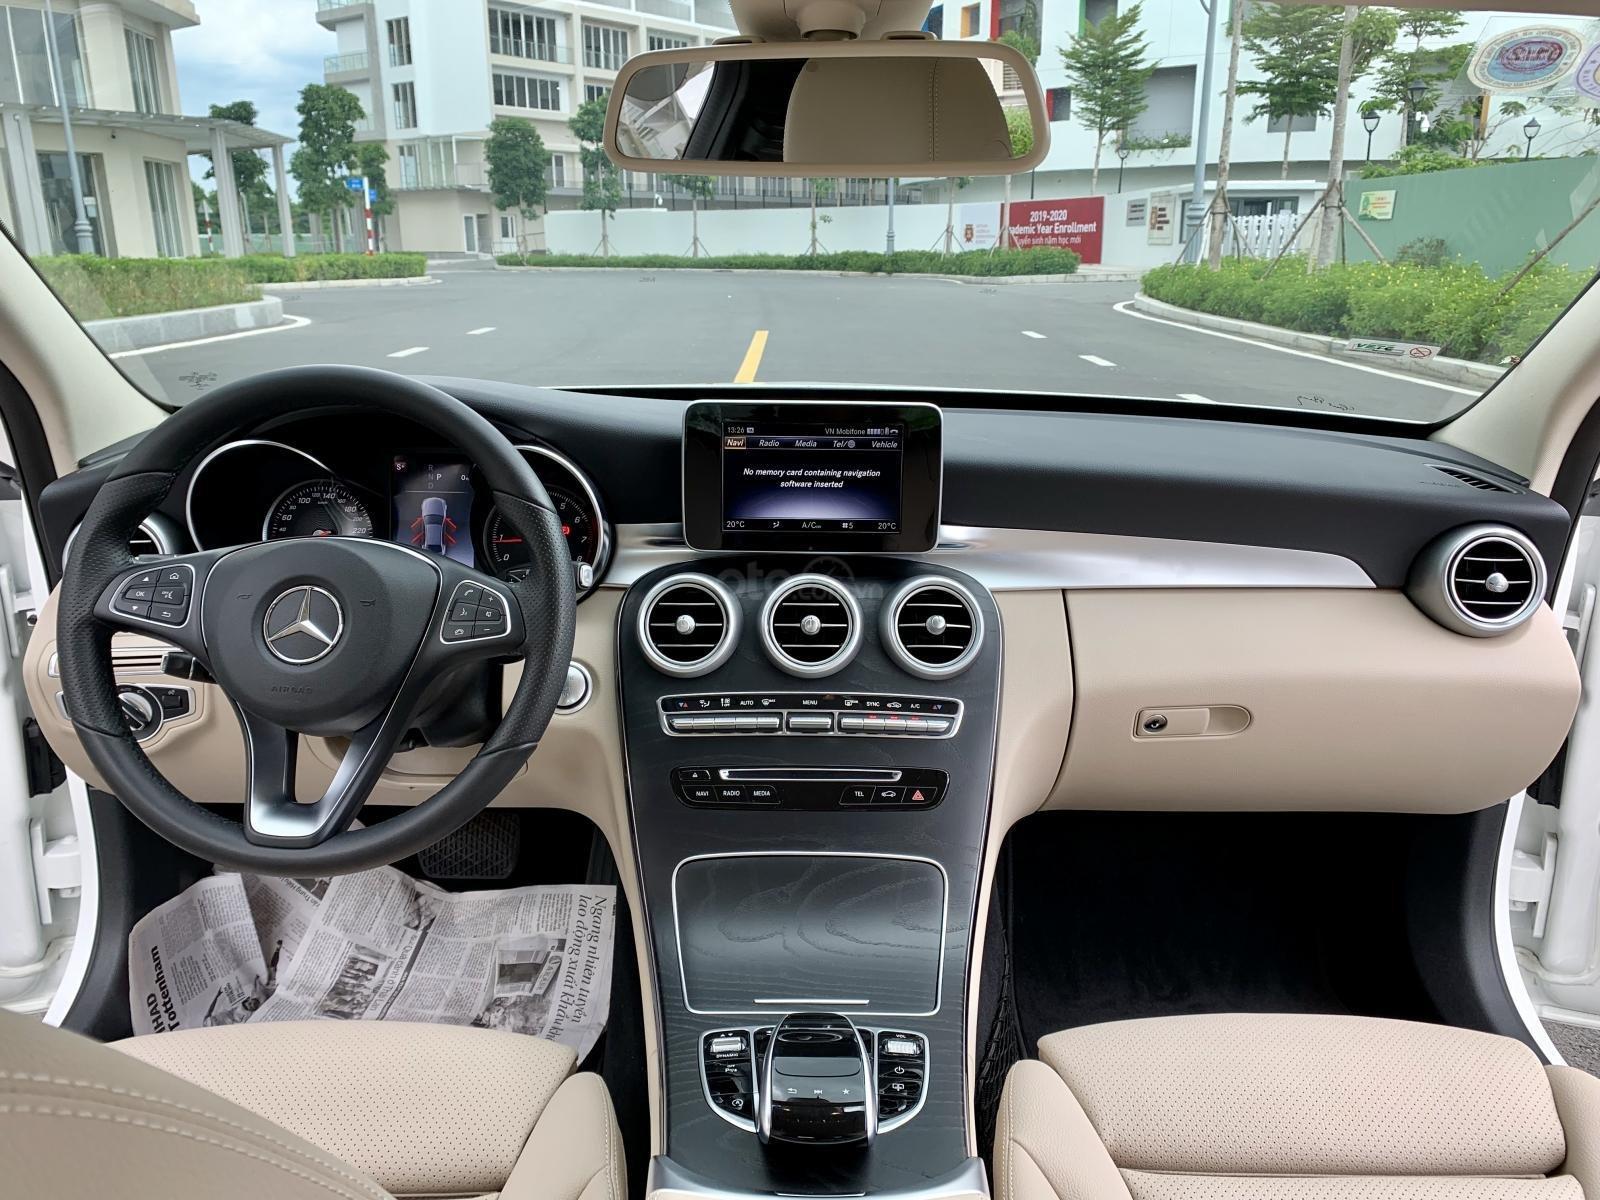 Cần bán Mercedes C200 2018, màu trắng /kem hộp số 9 cấp, loa bumaster (19)